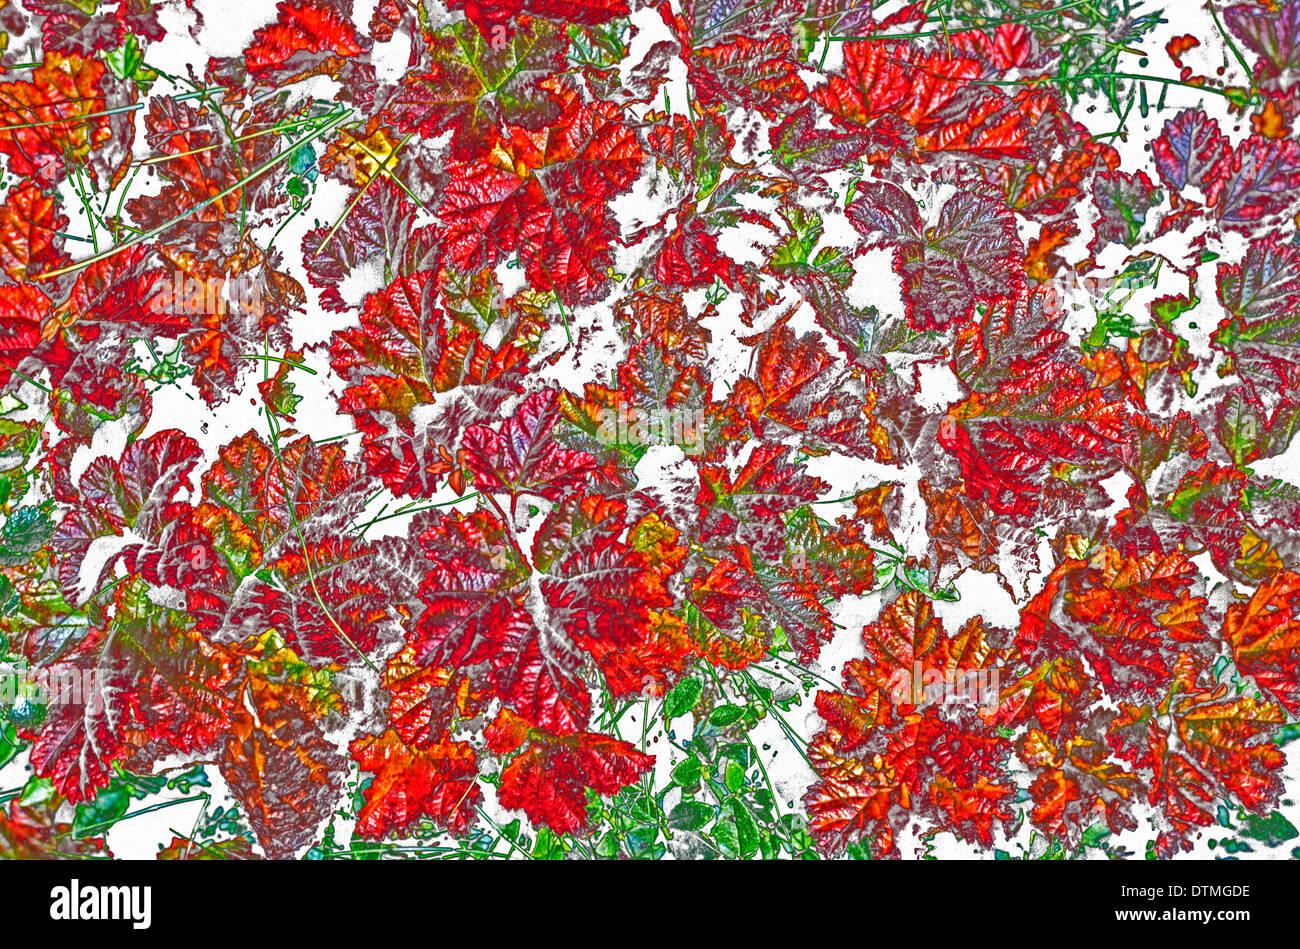 Ein Foto von bunten Herbstlaub, die auf den Boden gefallen ist Digital für einen auffälligen grafischen Effekt verändert worden. Stockbild